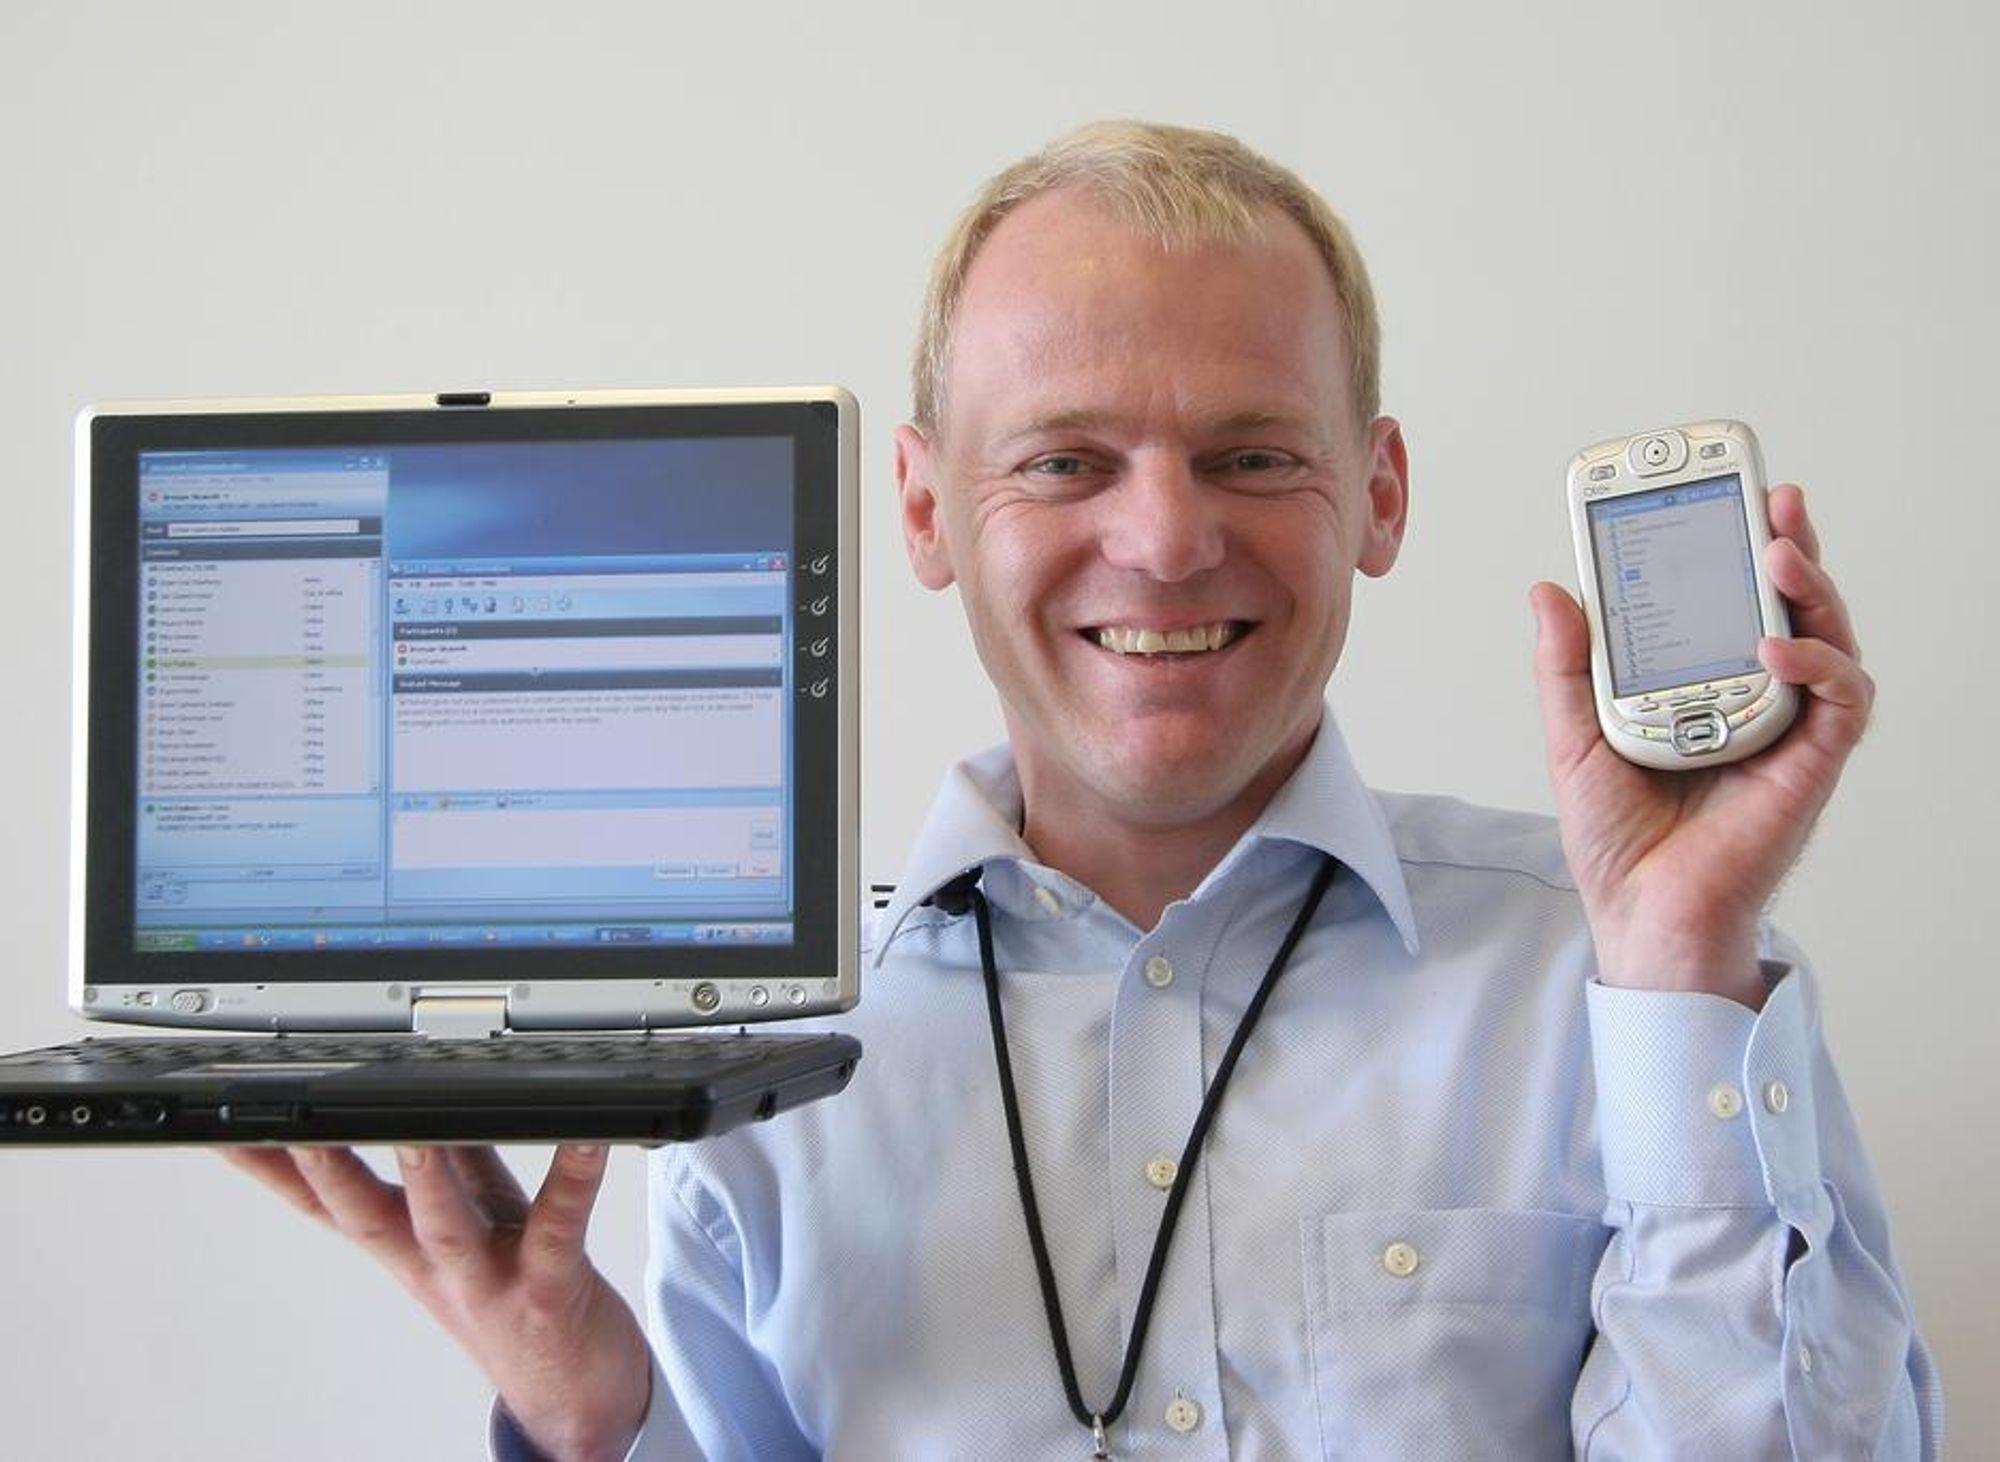 KOMMUNIKATOR:Direktør i Microsoft Norge, Brynjar Skauvik er overbevist om at bruken av øyeblikksmeldinger og PC-baserte møter vil øke raskt i årene fremover.